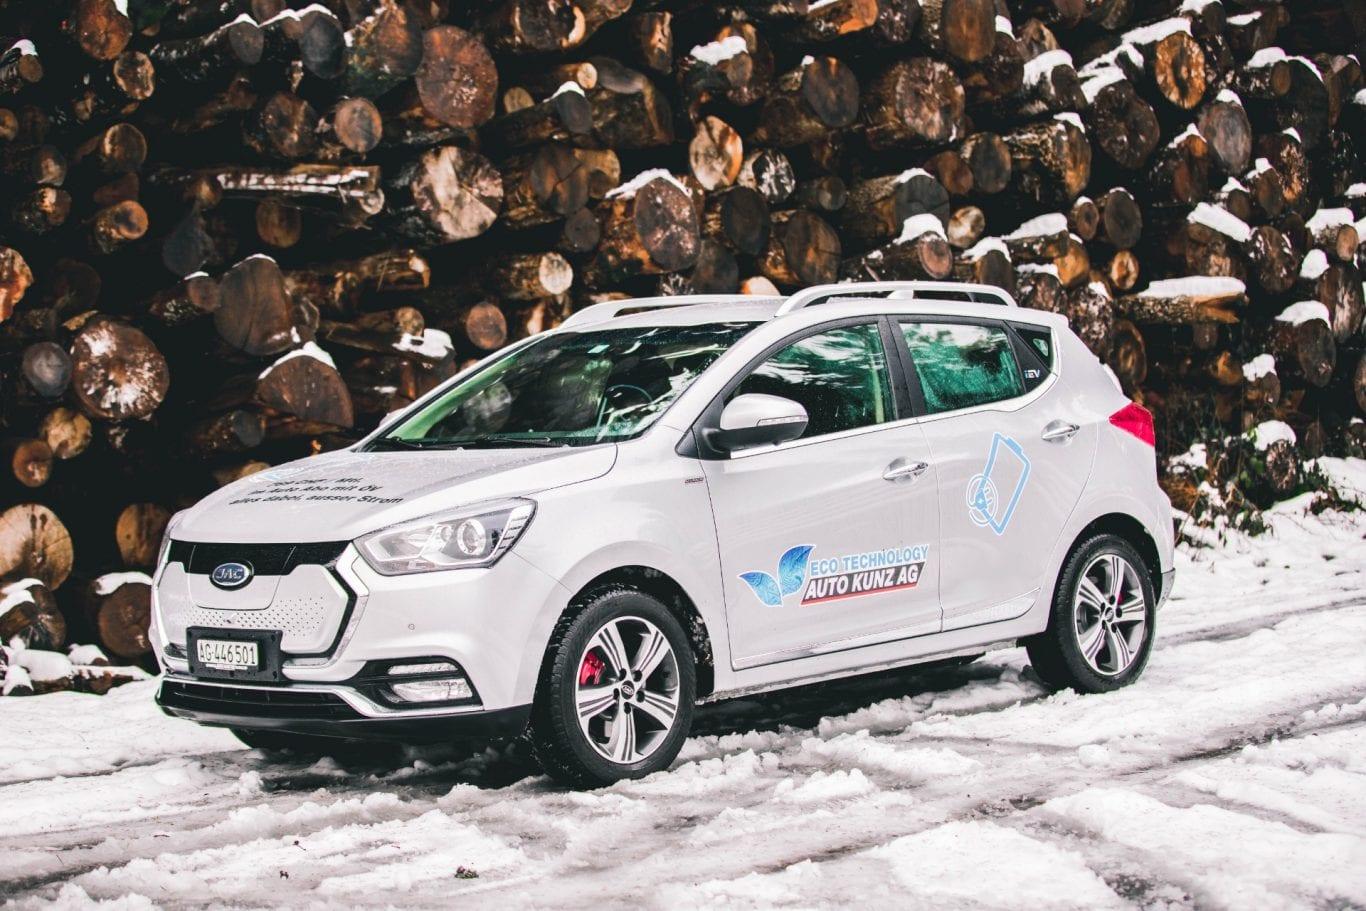 Emissionsfreie Mobilität für alle - Auto Kunz AG